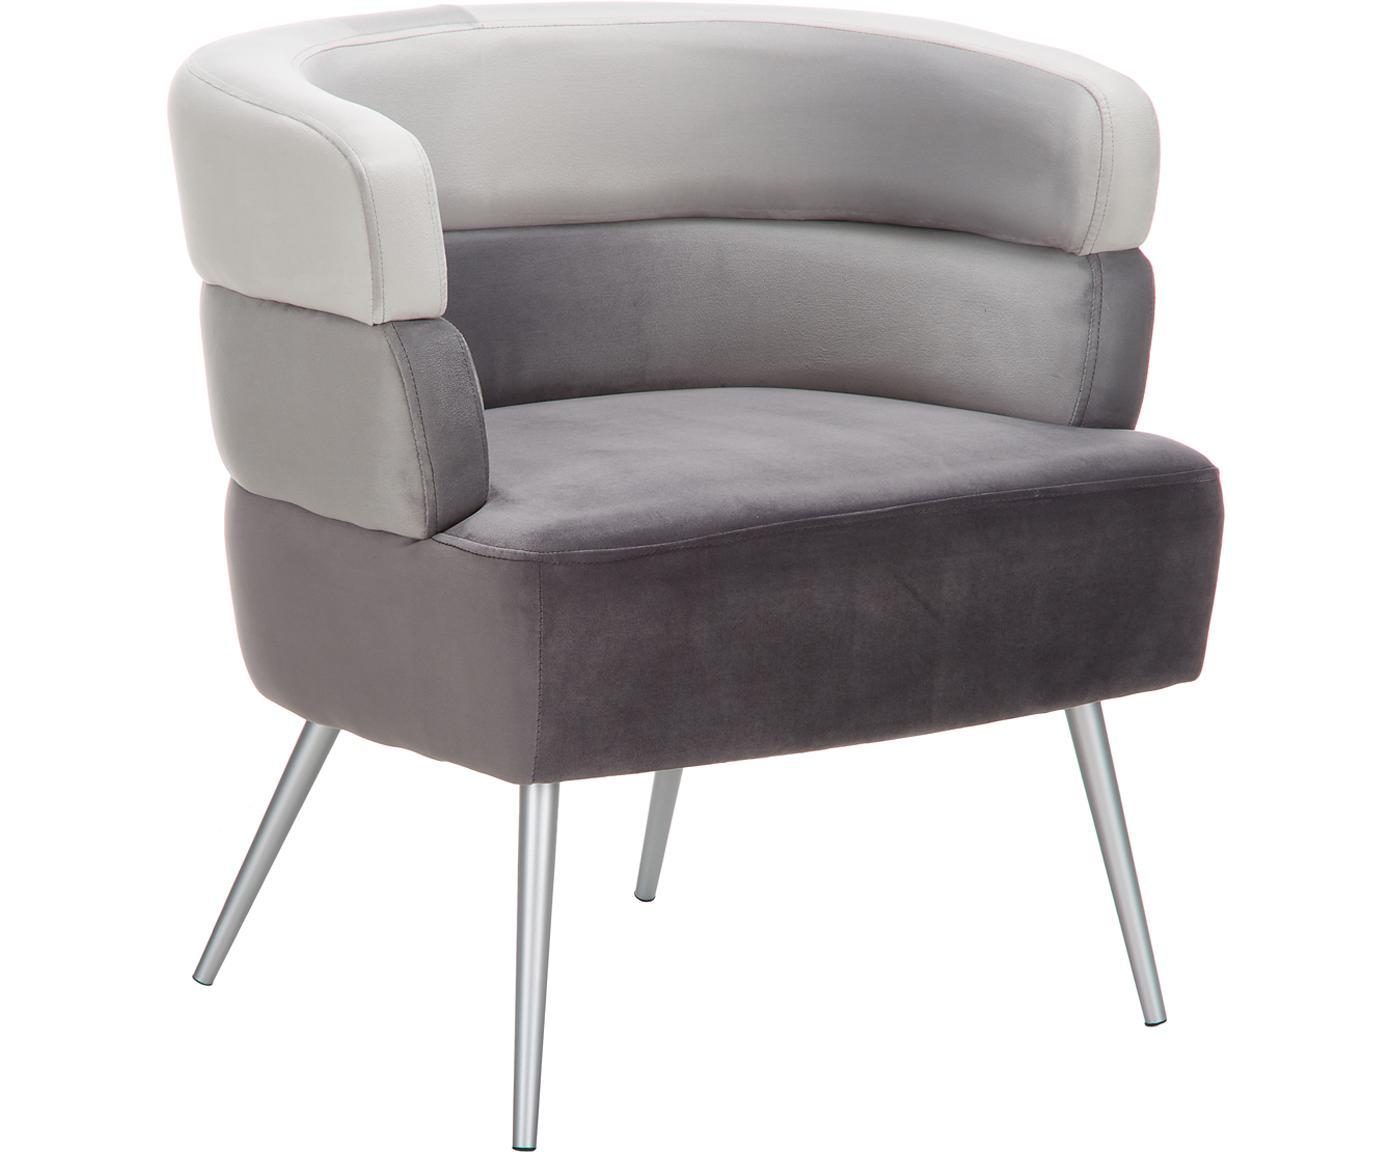 Fotel z aksamitu Sandwich, Tapicerka: aksamit poliestrowy, Nogi: metal powlekany, Aksamitny szary, S 65 x G 64 cm